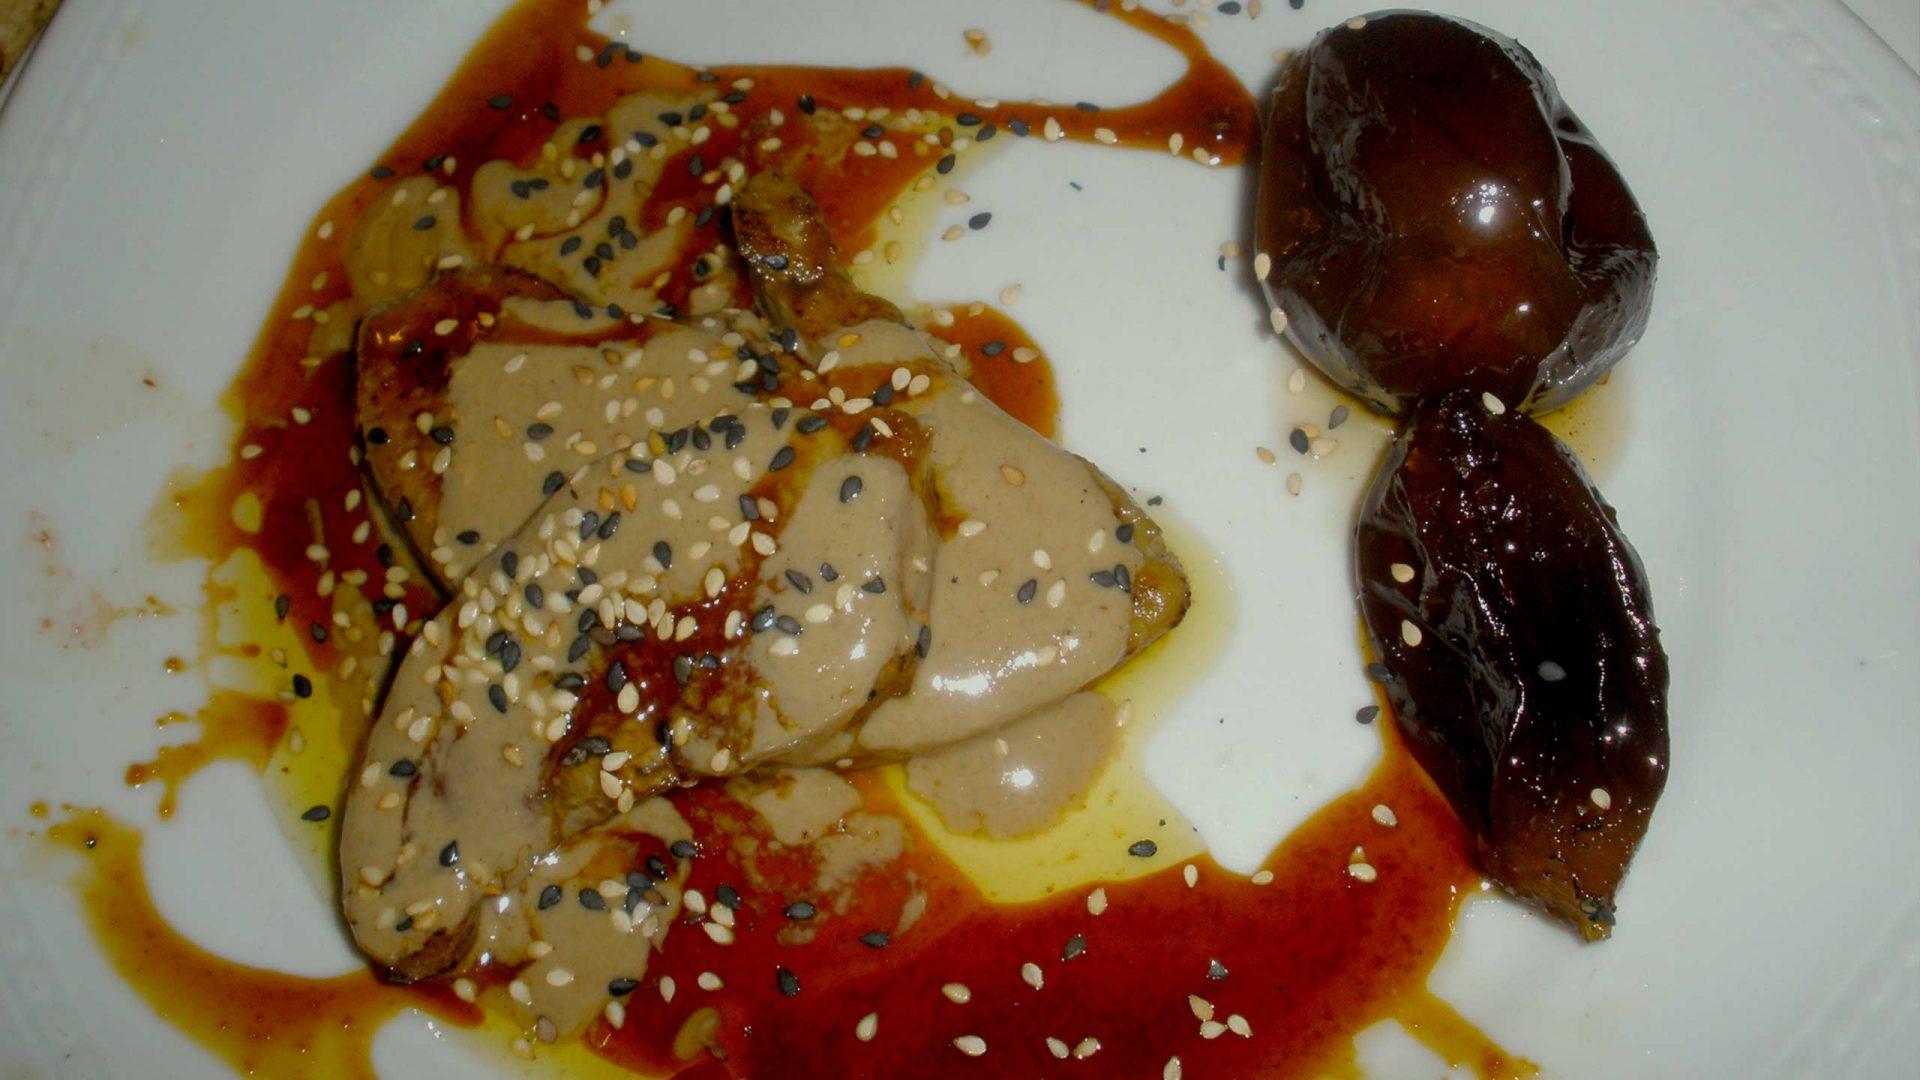 כבד אווז בטחינה סילאן וקלבדוס עם ריבת חצילים